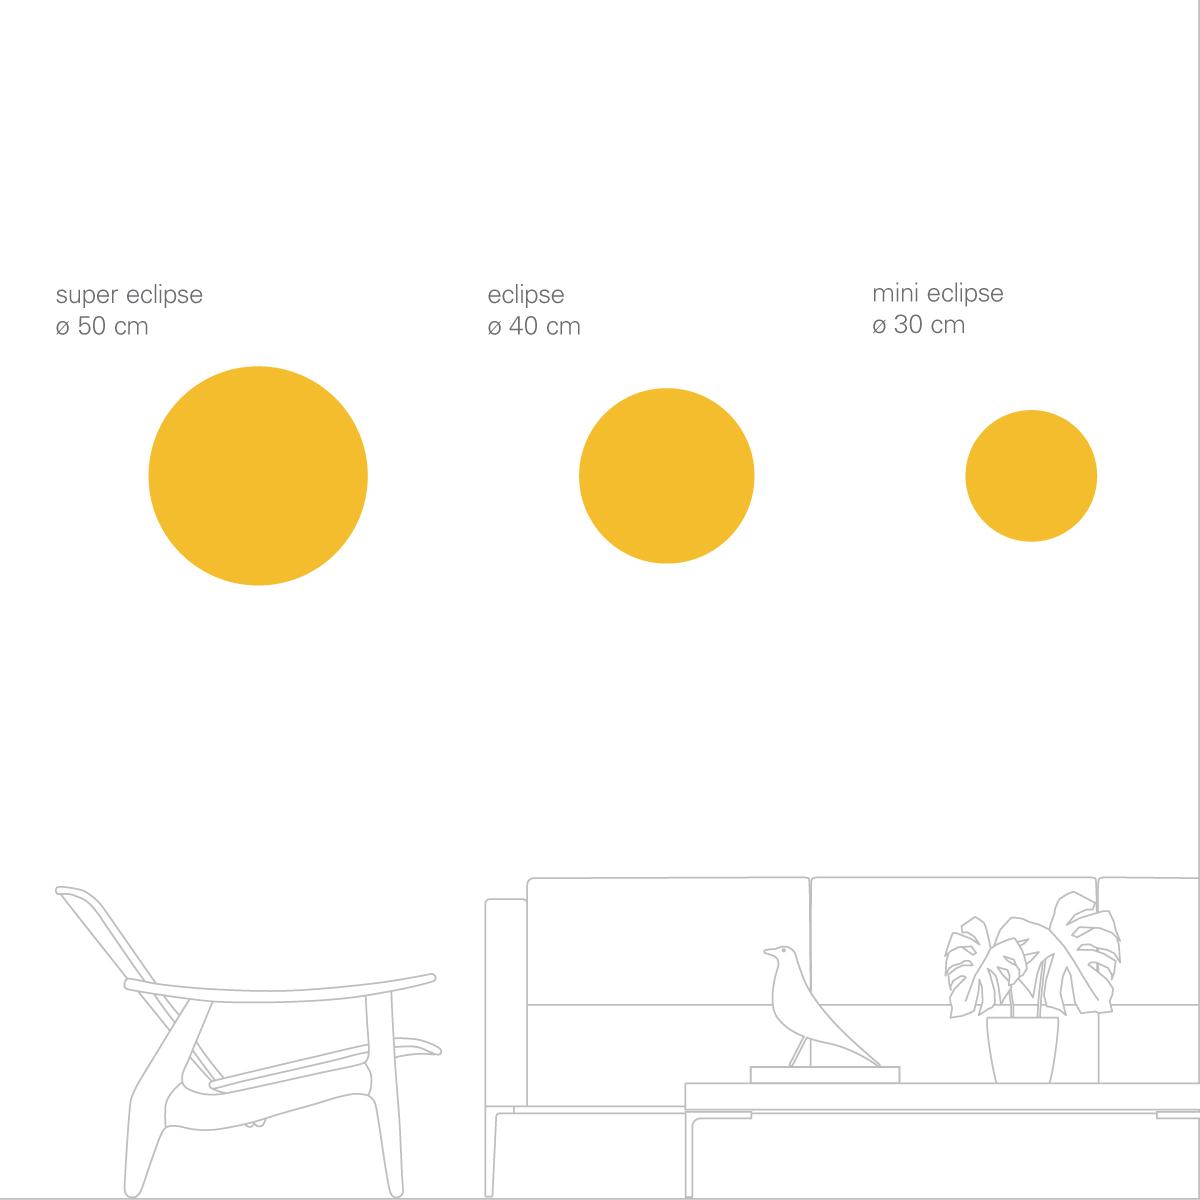 180530 eclipse comparativo